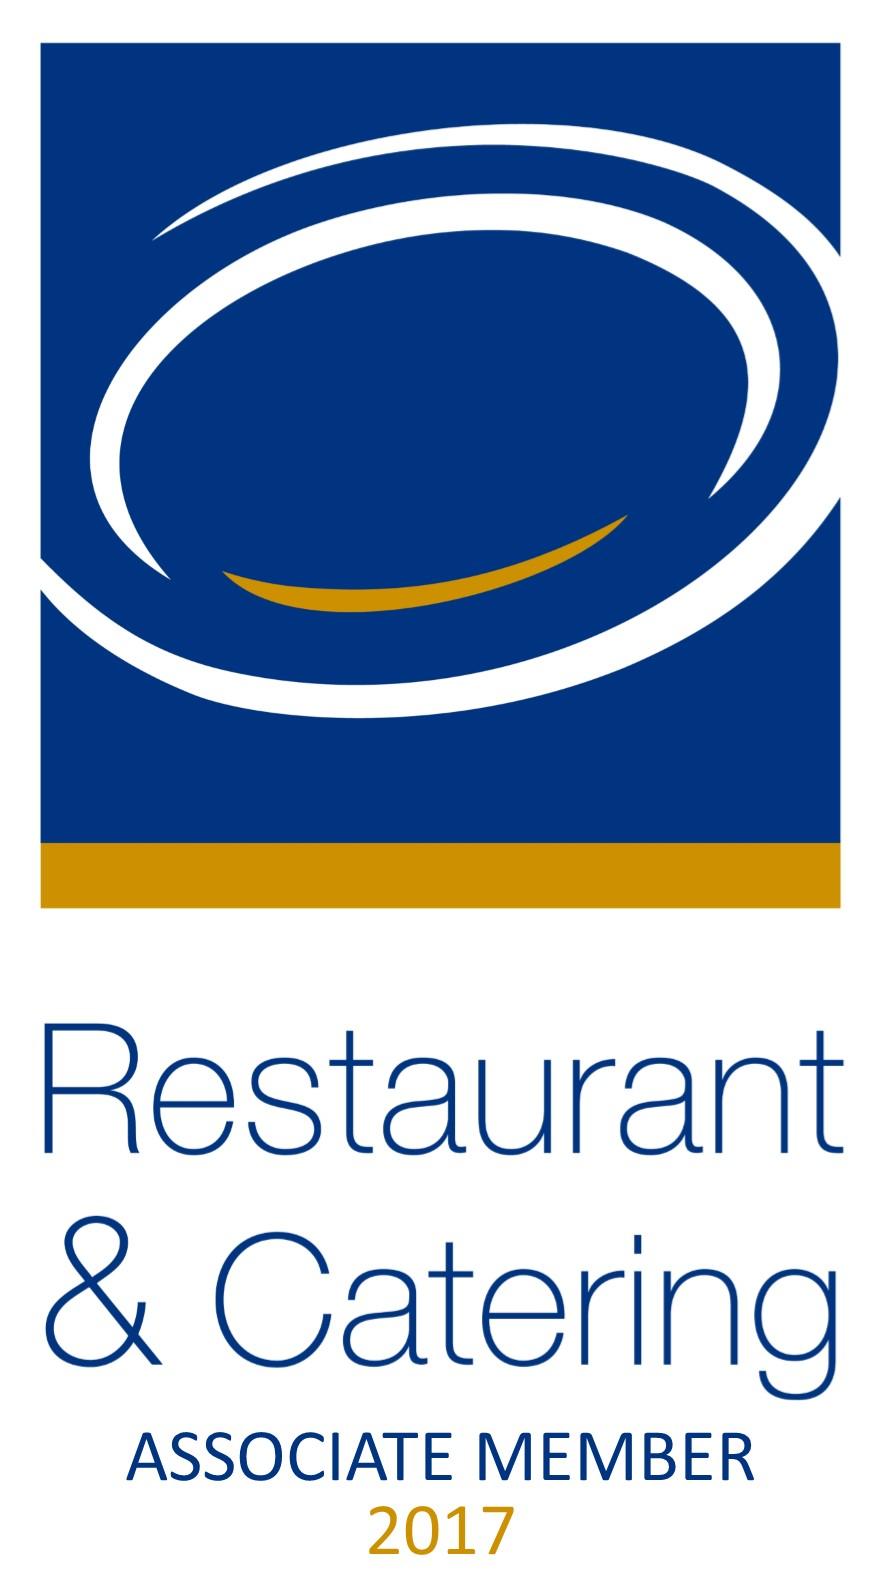 Restaurant & Catering Association Geared Asset Finance